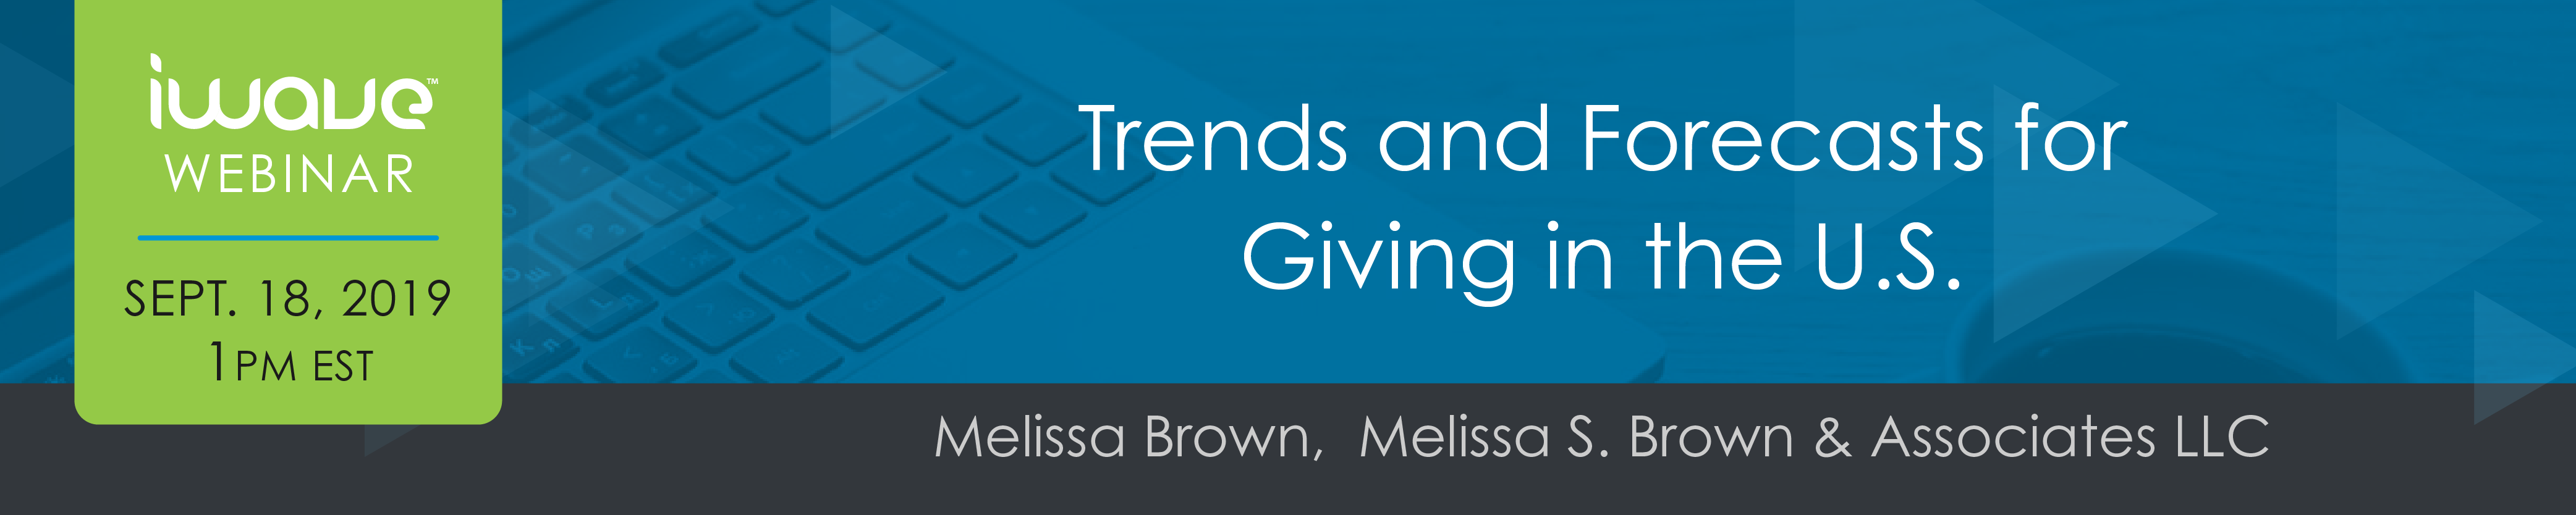 MelissaBrown-Webinar-Template_1000x200-01